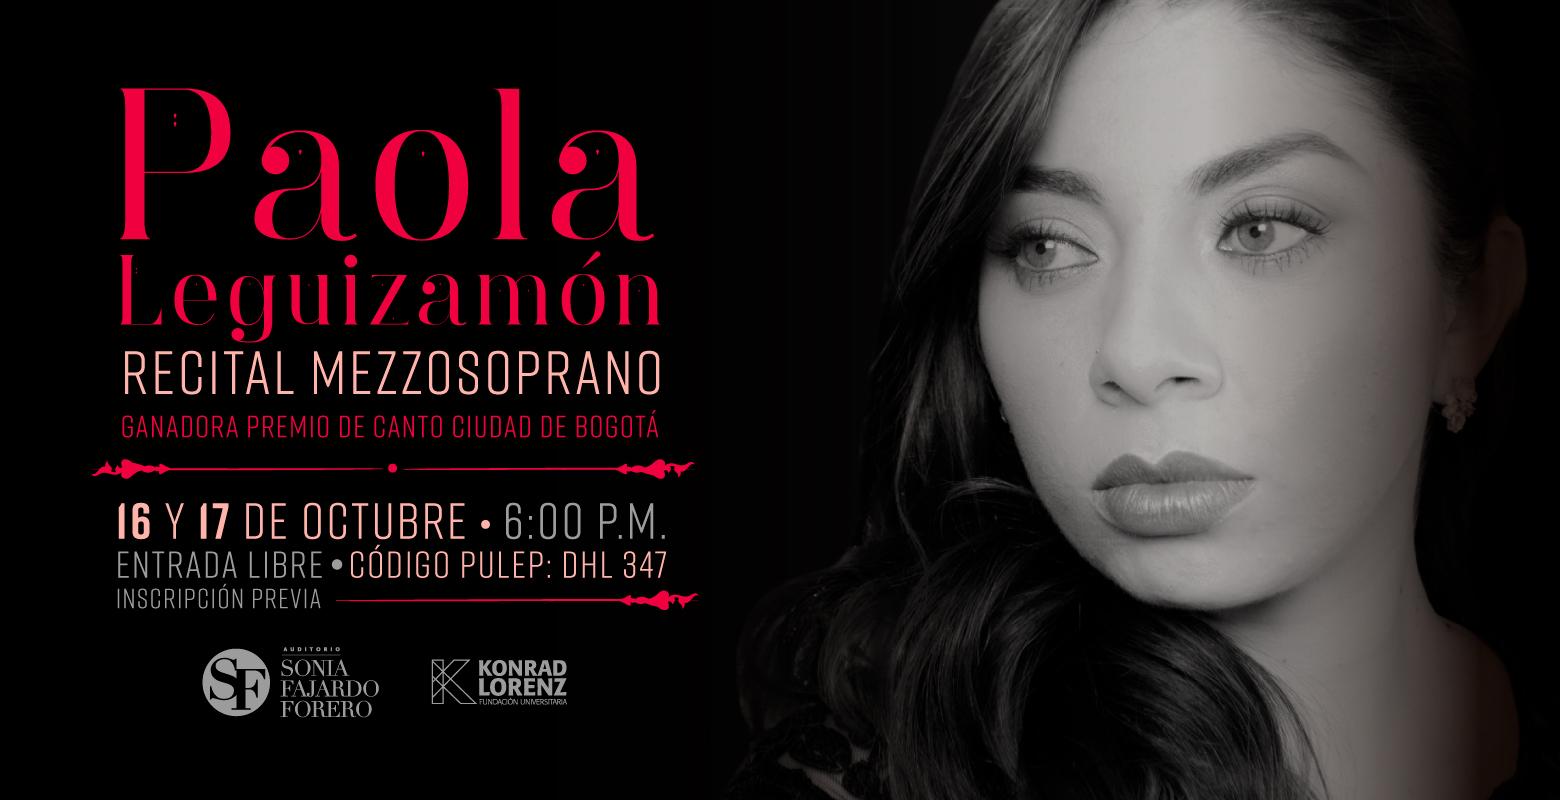 Recital Paola Leguizamón Ganadora del Premio de Canto Ciudad de Bogotá